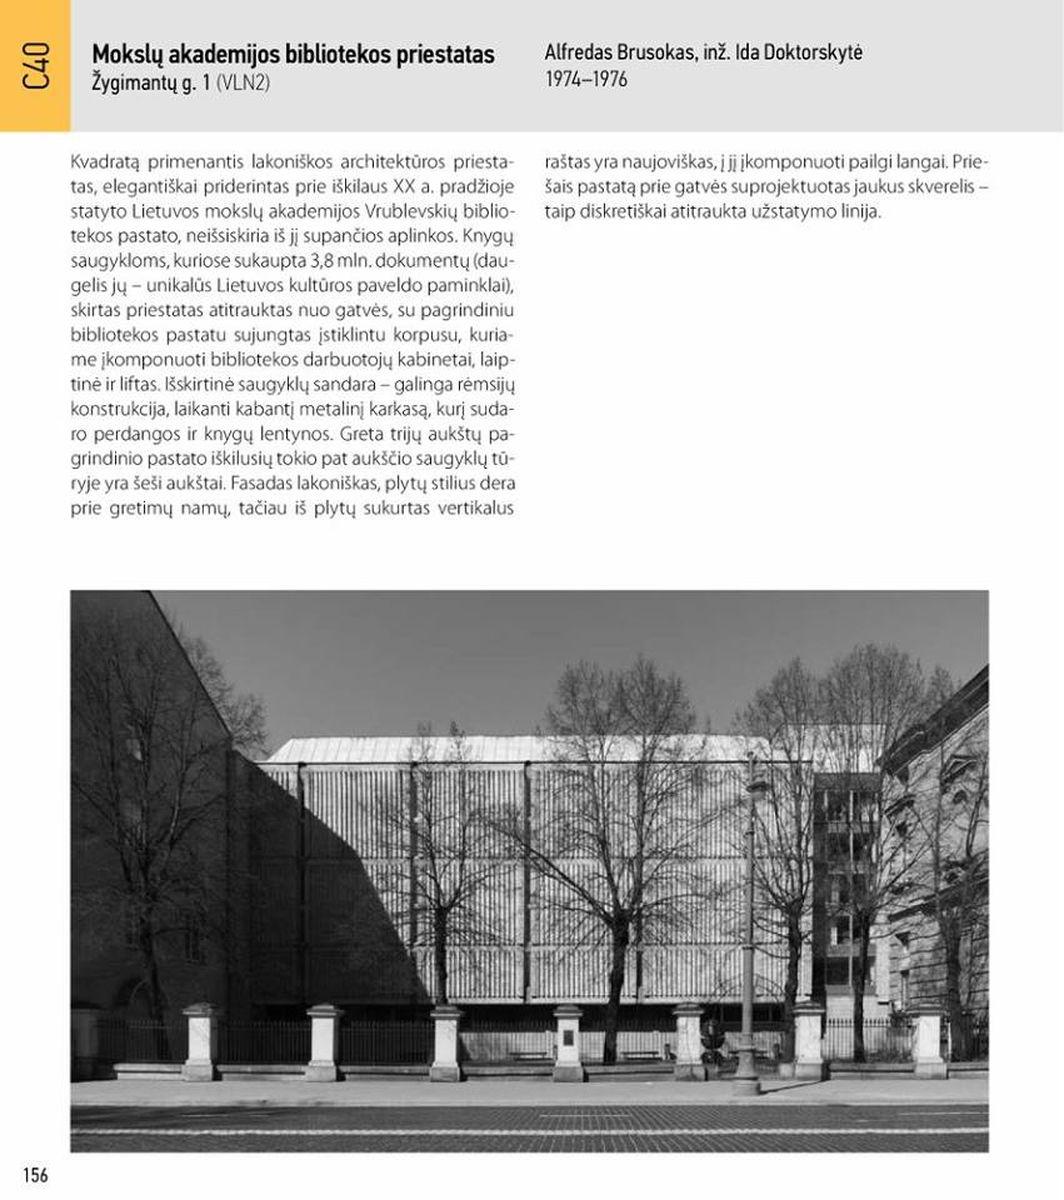 Lietuvos MA Vrublevskių bibliotekos korpusas laikomas savitu naujojo paveldo opusu.